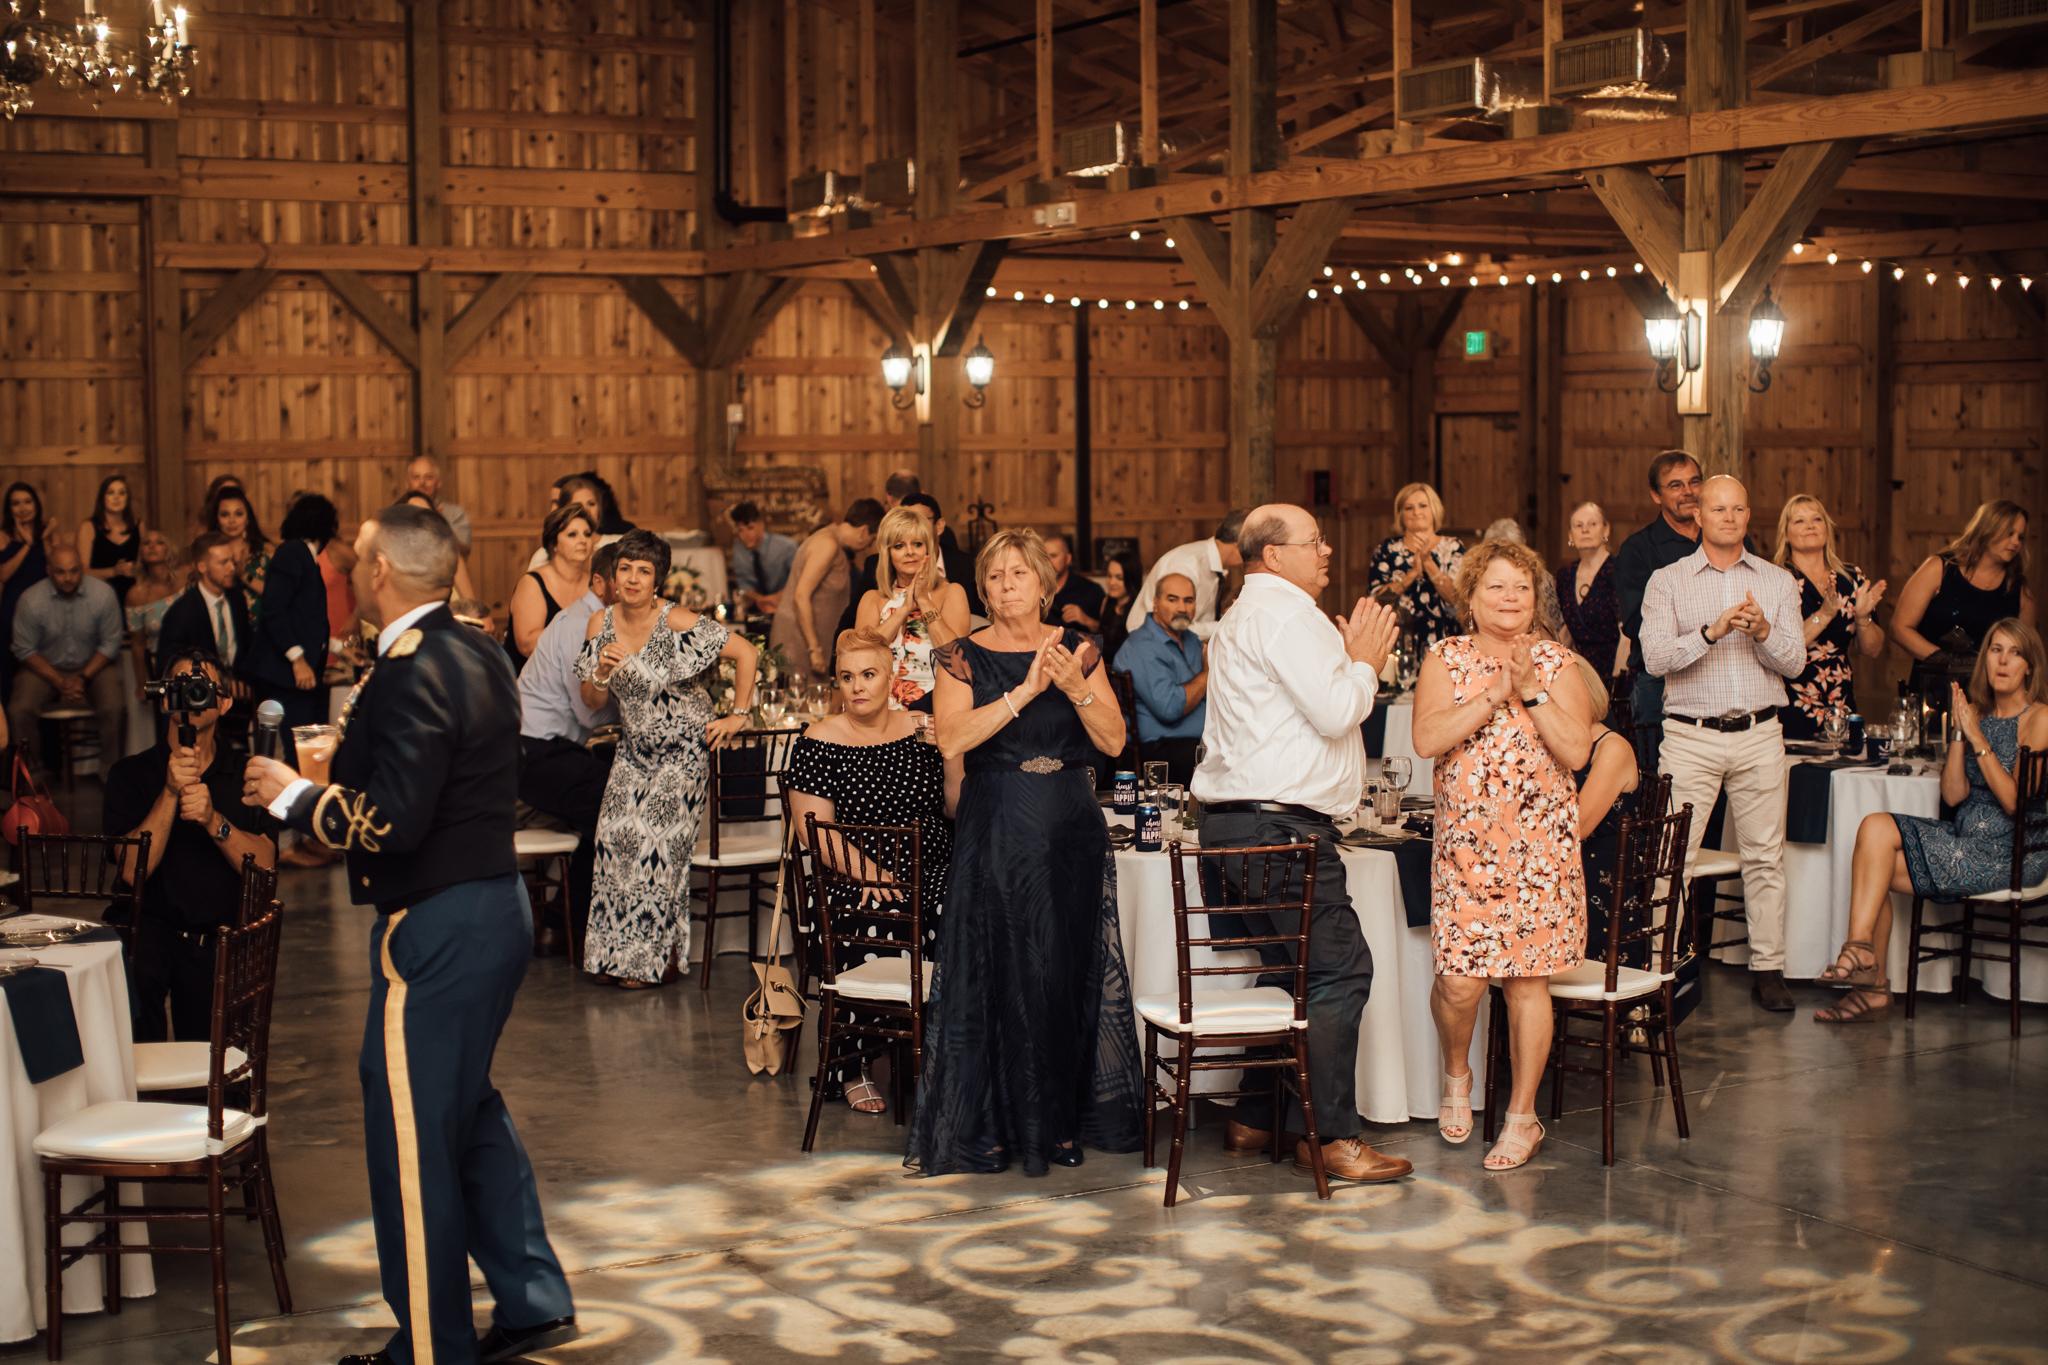 saddlewoodsfarms-nashville-wedding-photographer-thewarmtharoundyou-rustic-wedding (64 of 251).jpg